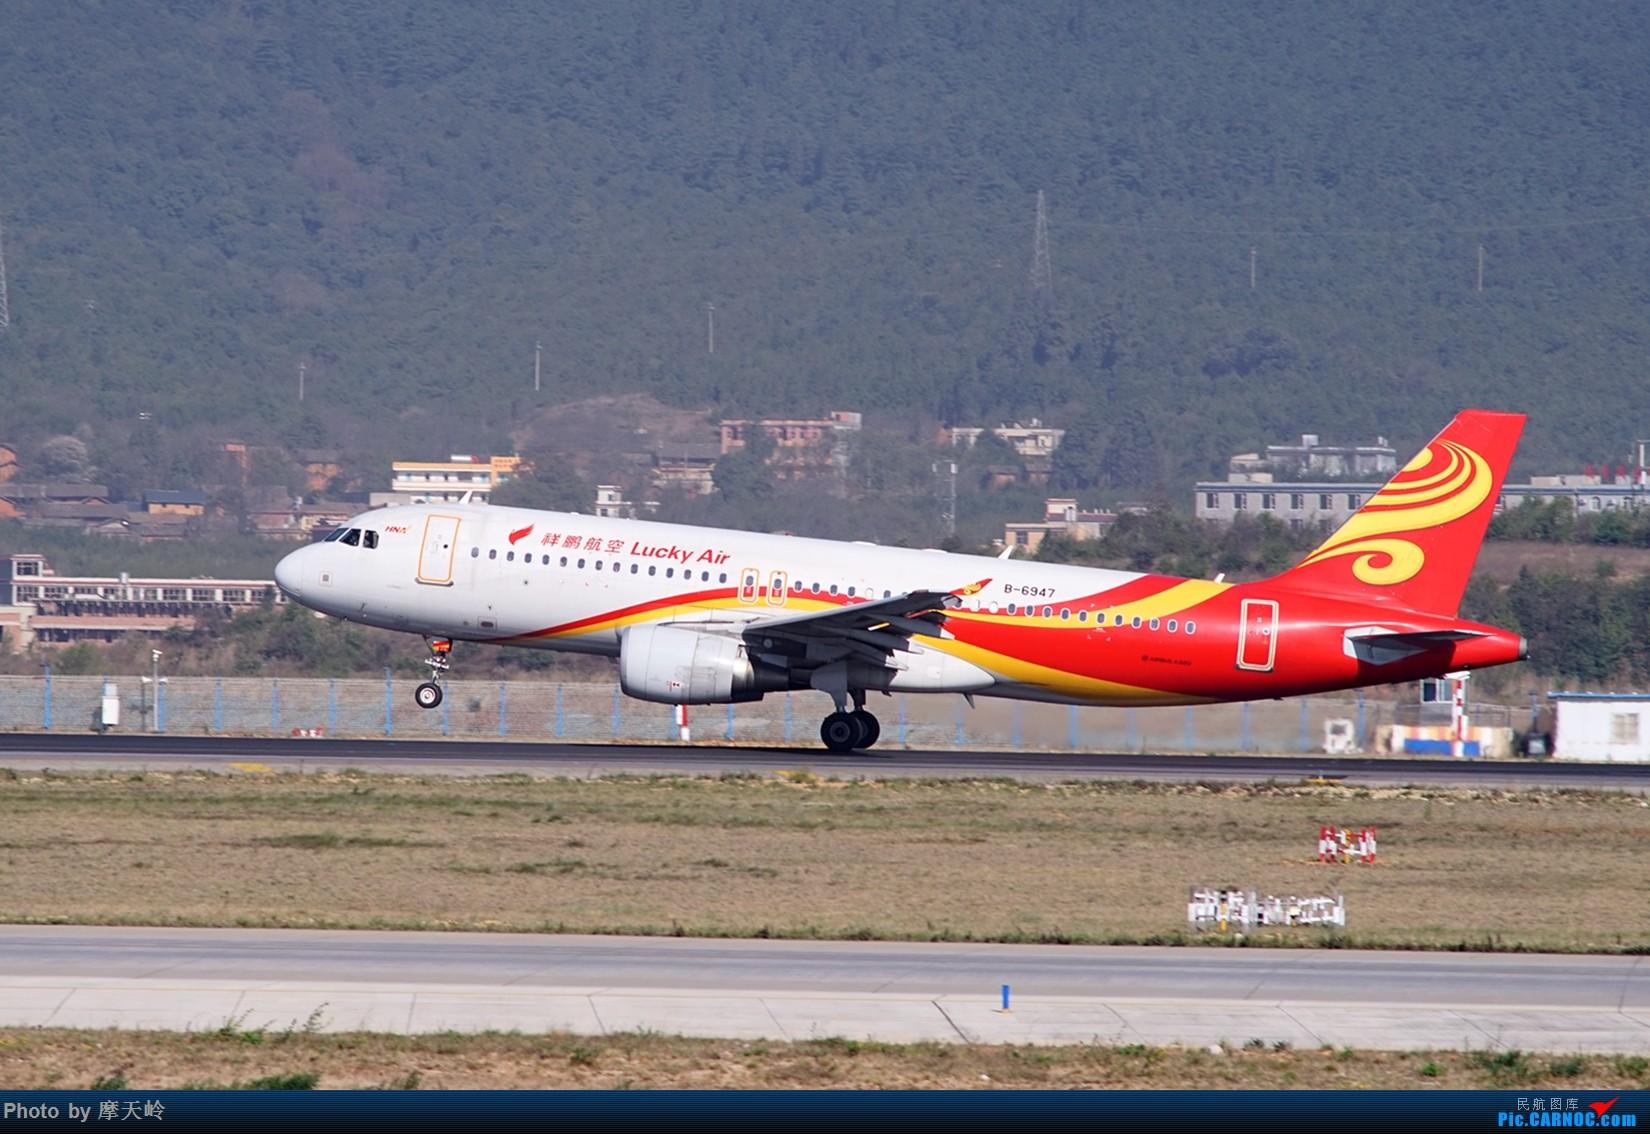 Re:[原创]【昆明长水】内场拍拍拍 AIRBUS A320-200 B-6947 中国昆明长水国际机场